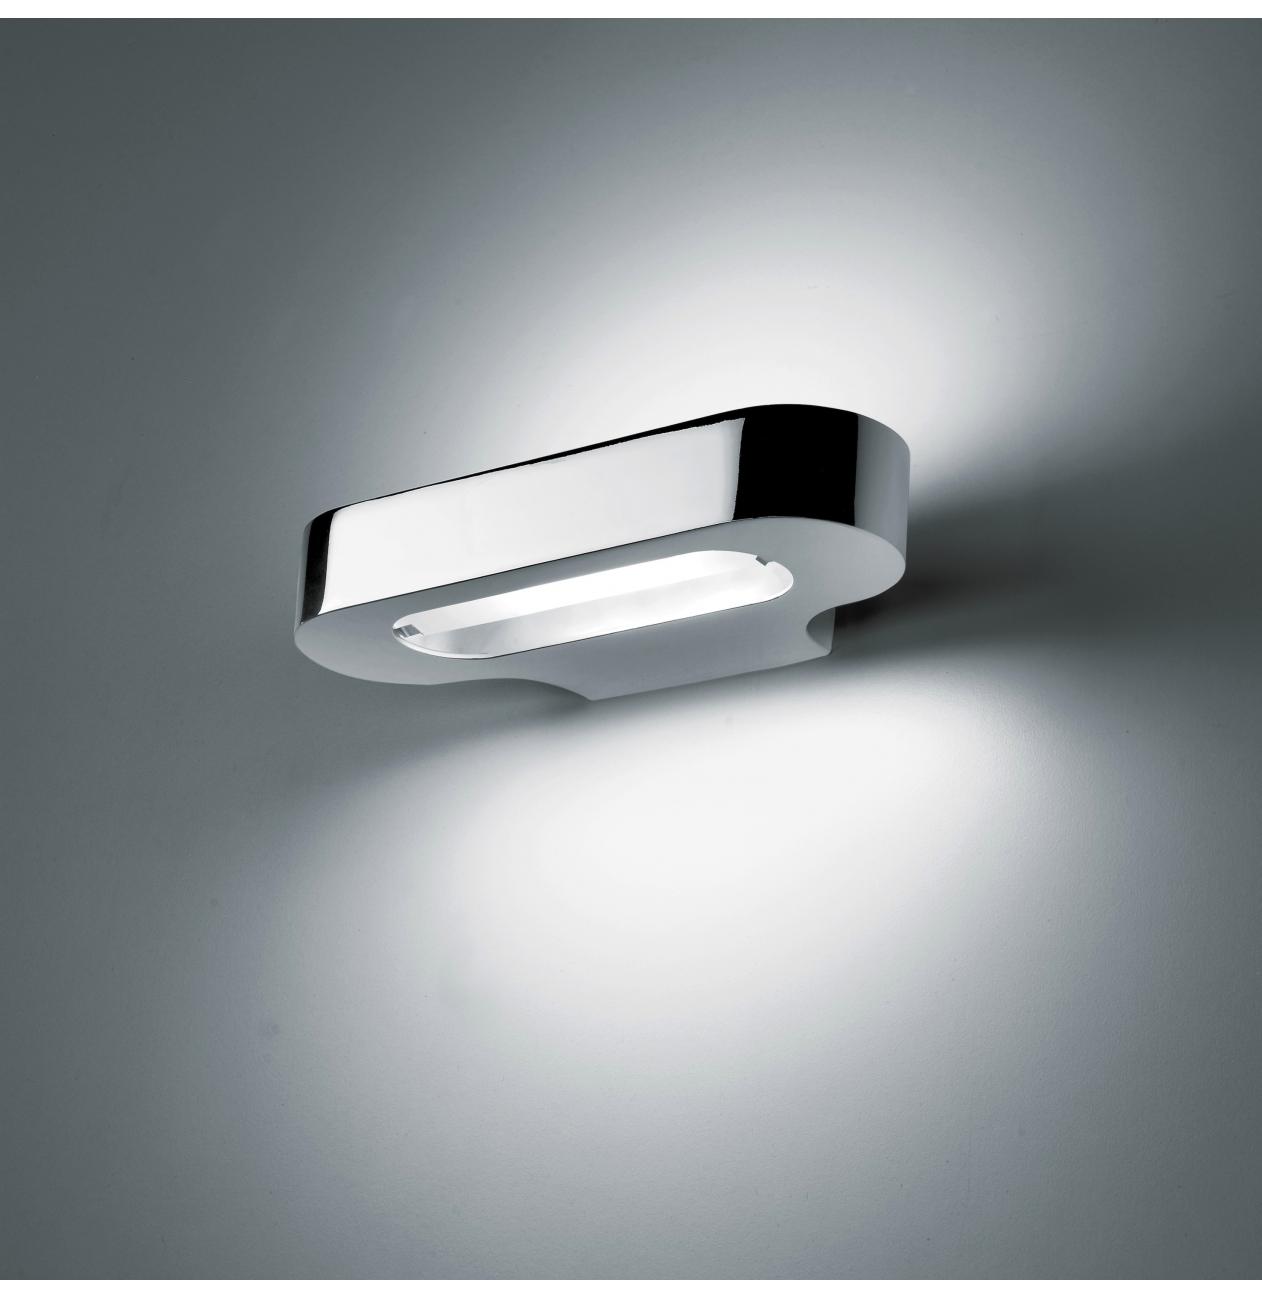 Wandlamp artemide led verlichting watt for Artemide verlichting